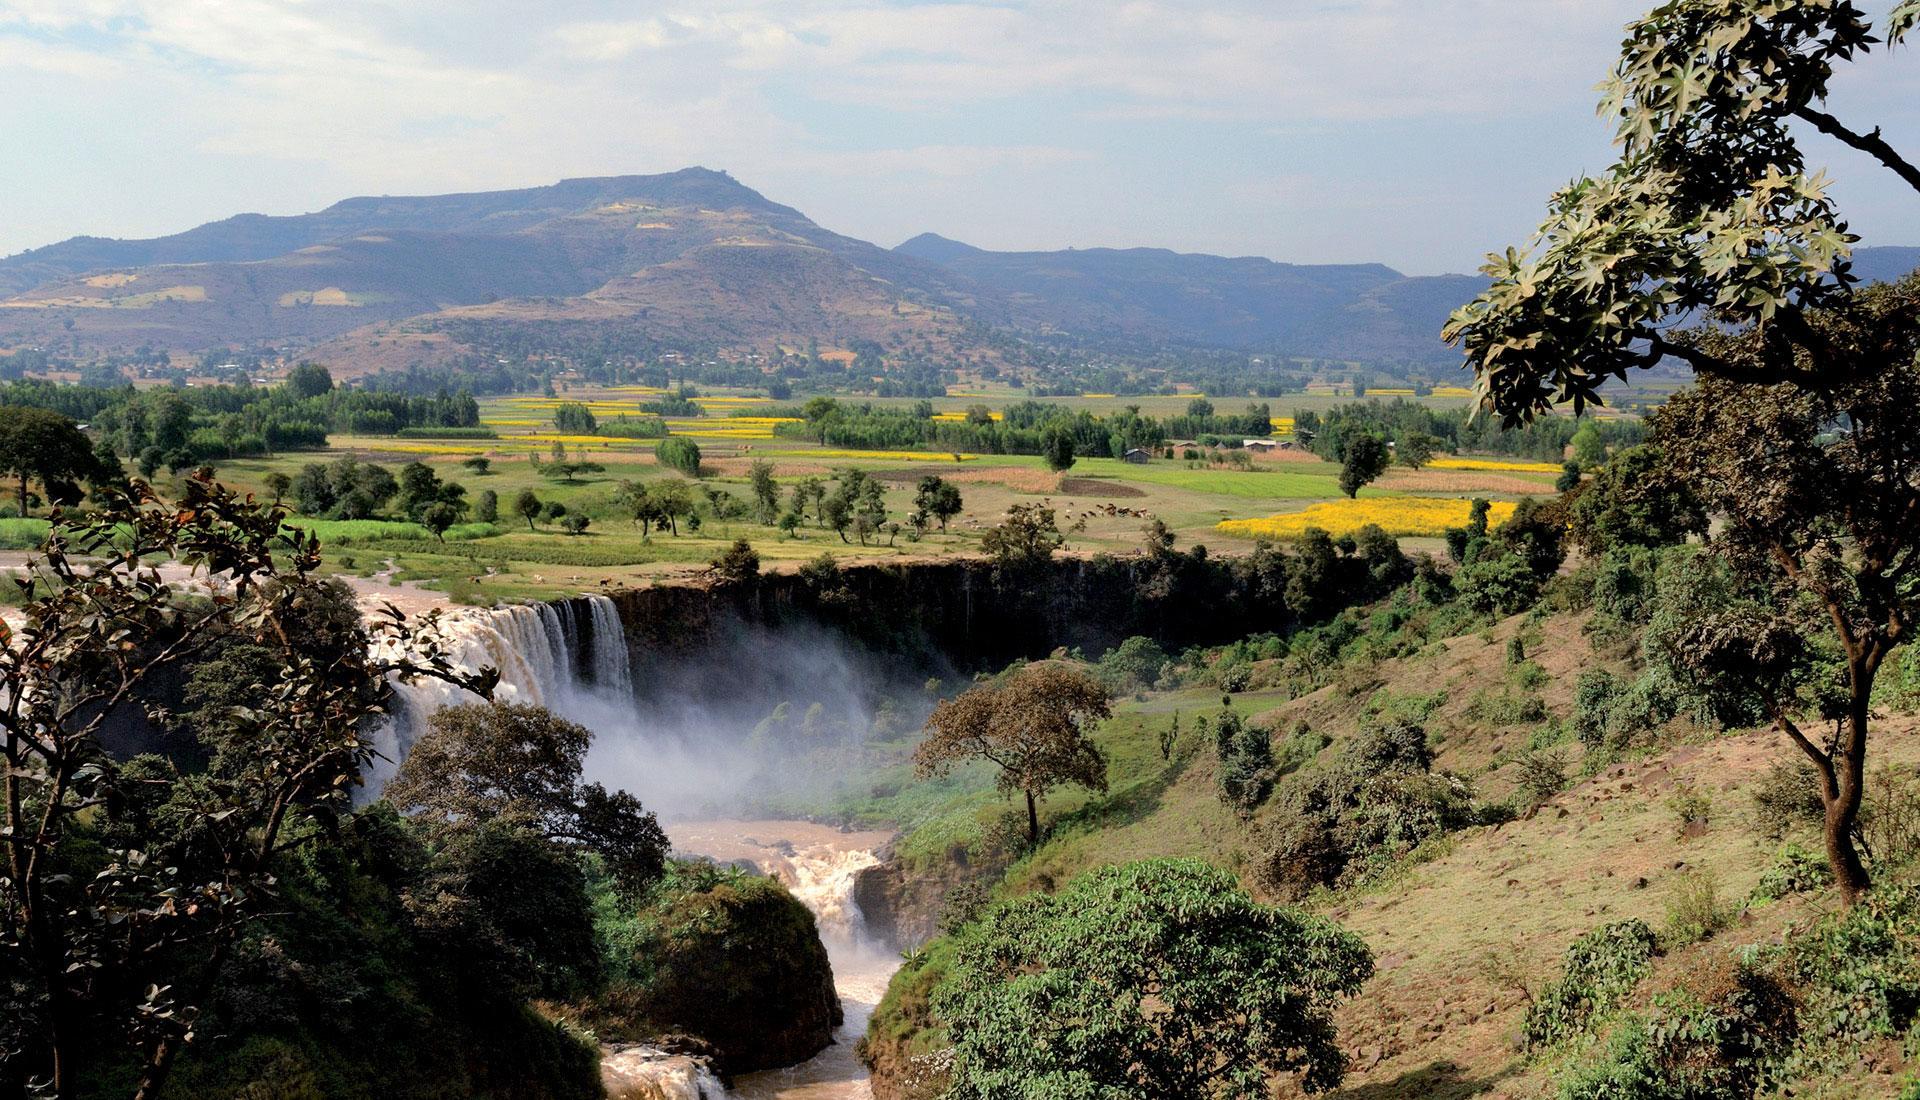 Ethiopie - Voyages aux sources de l'humanité